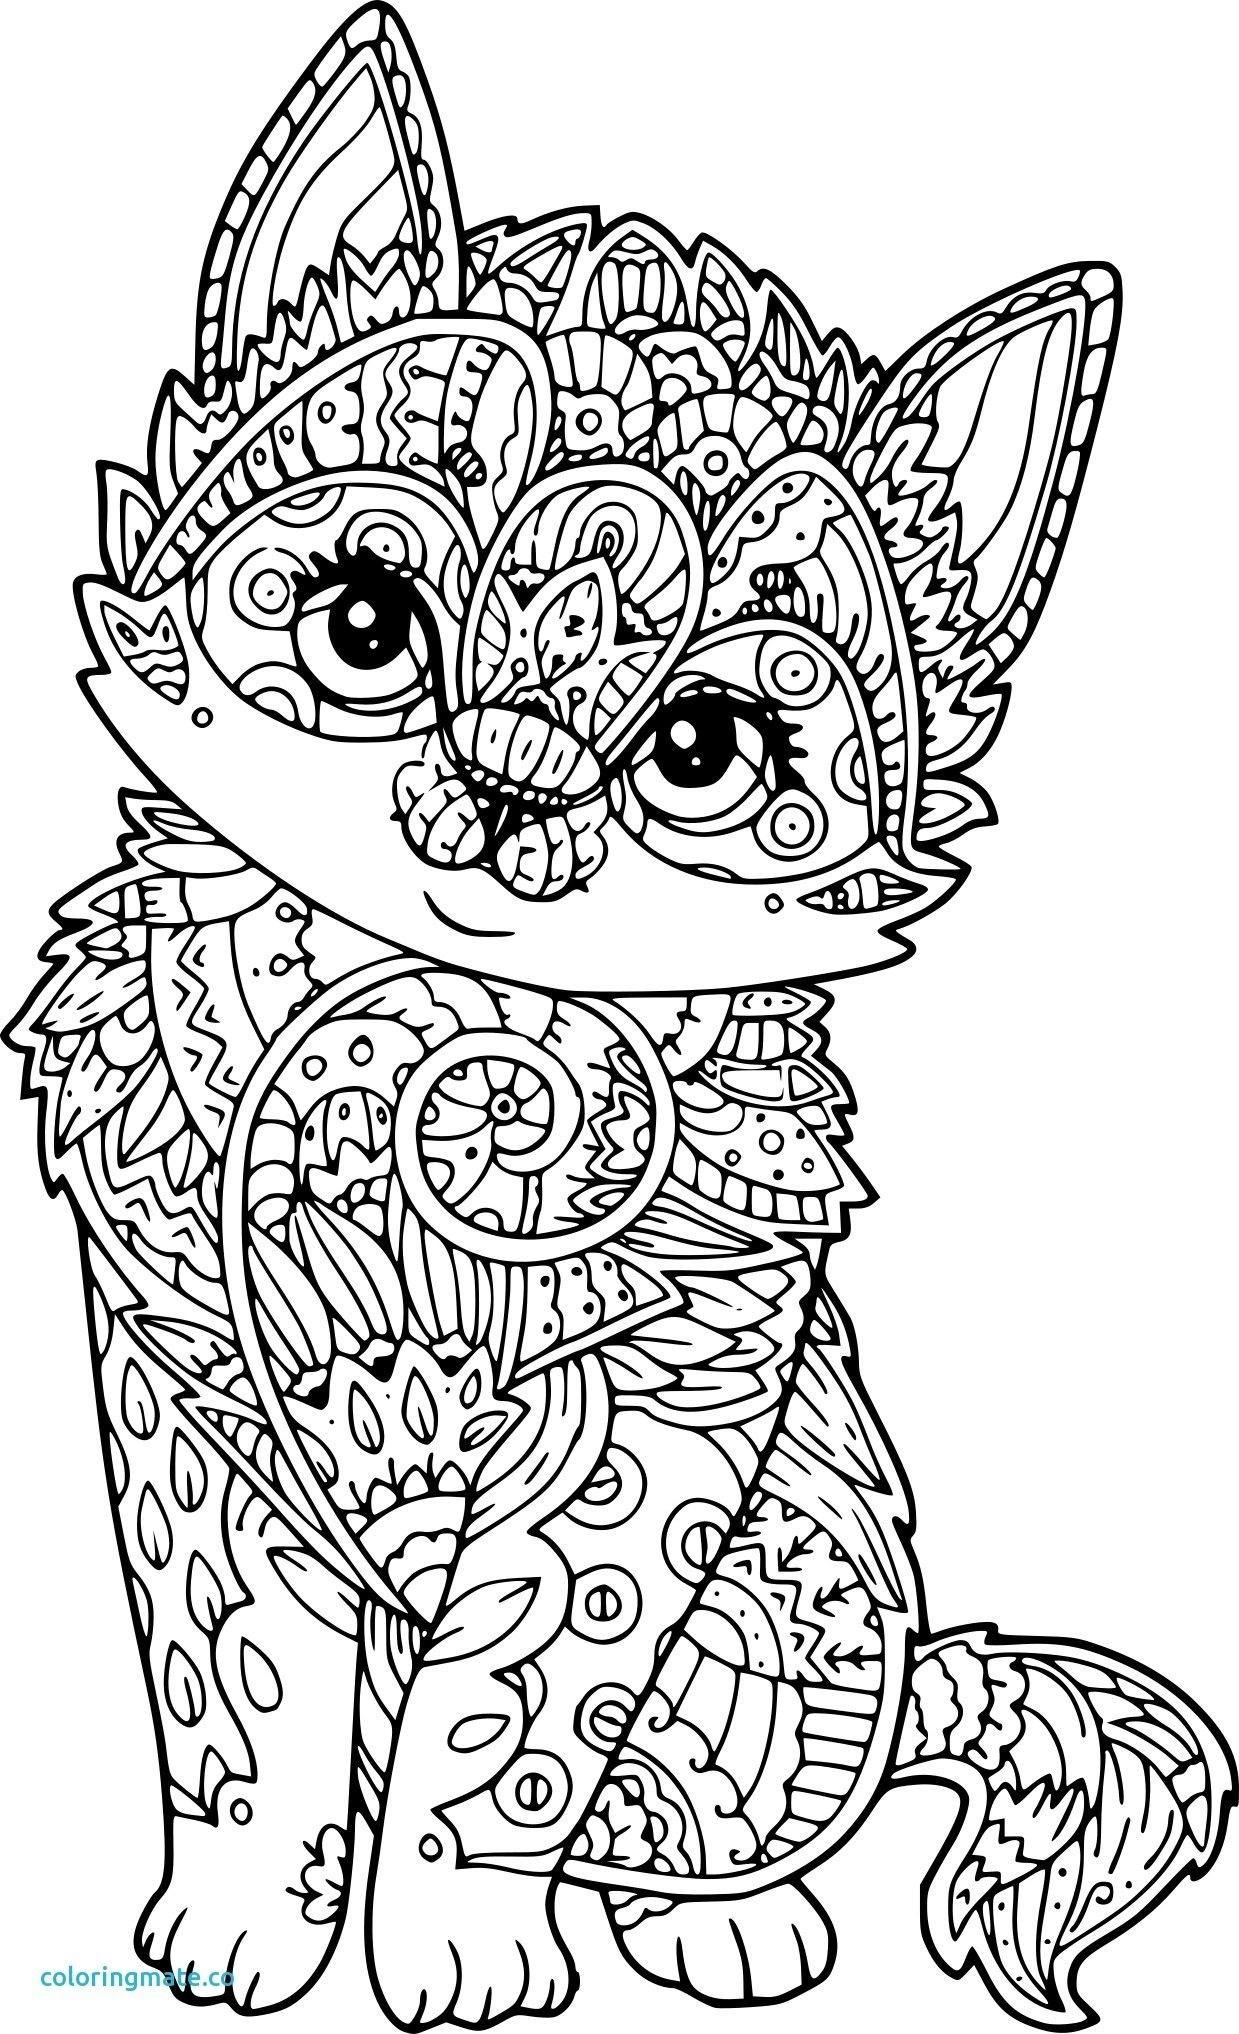 Coloriage Difficile De Chat à Mandala À Imprimer Facile